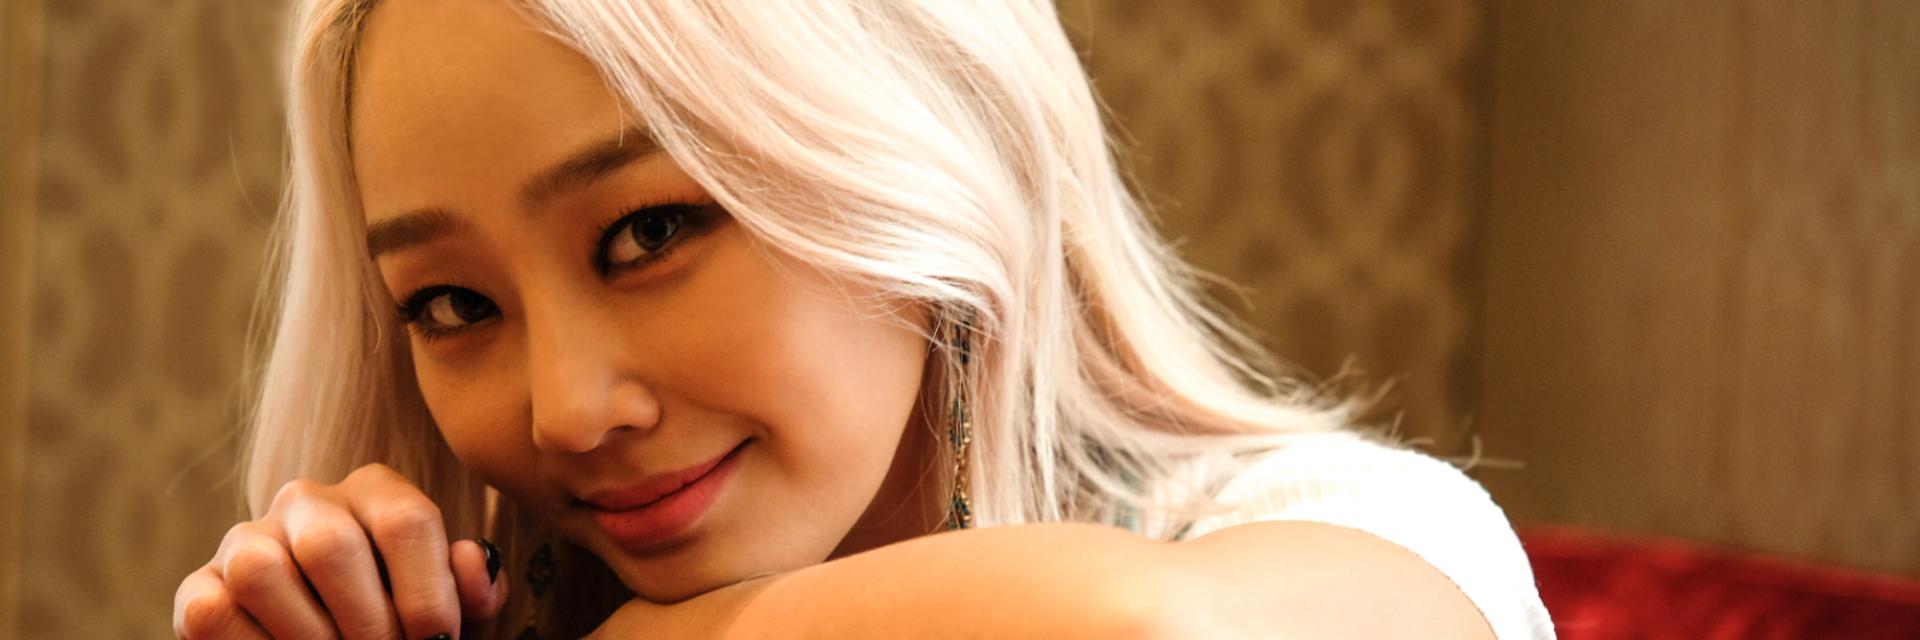 專訪 / 長得正就能坐穩巨星寶座?你從沒看過的「韓國碧昂絲」孝琳:「其實我根本沒有自信。」